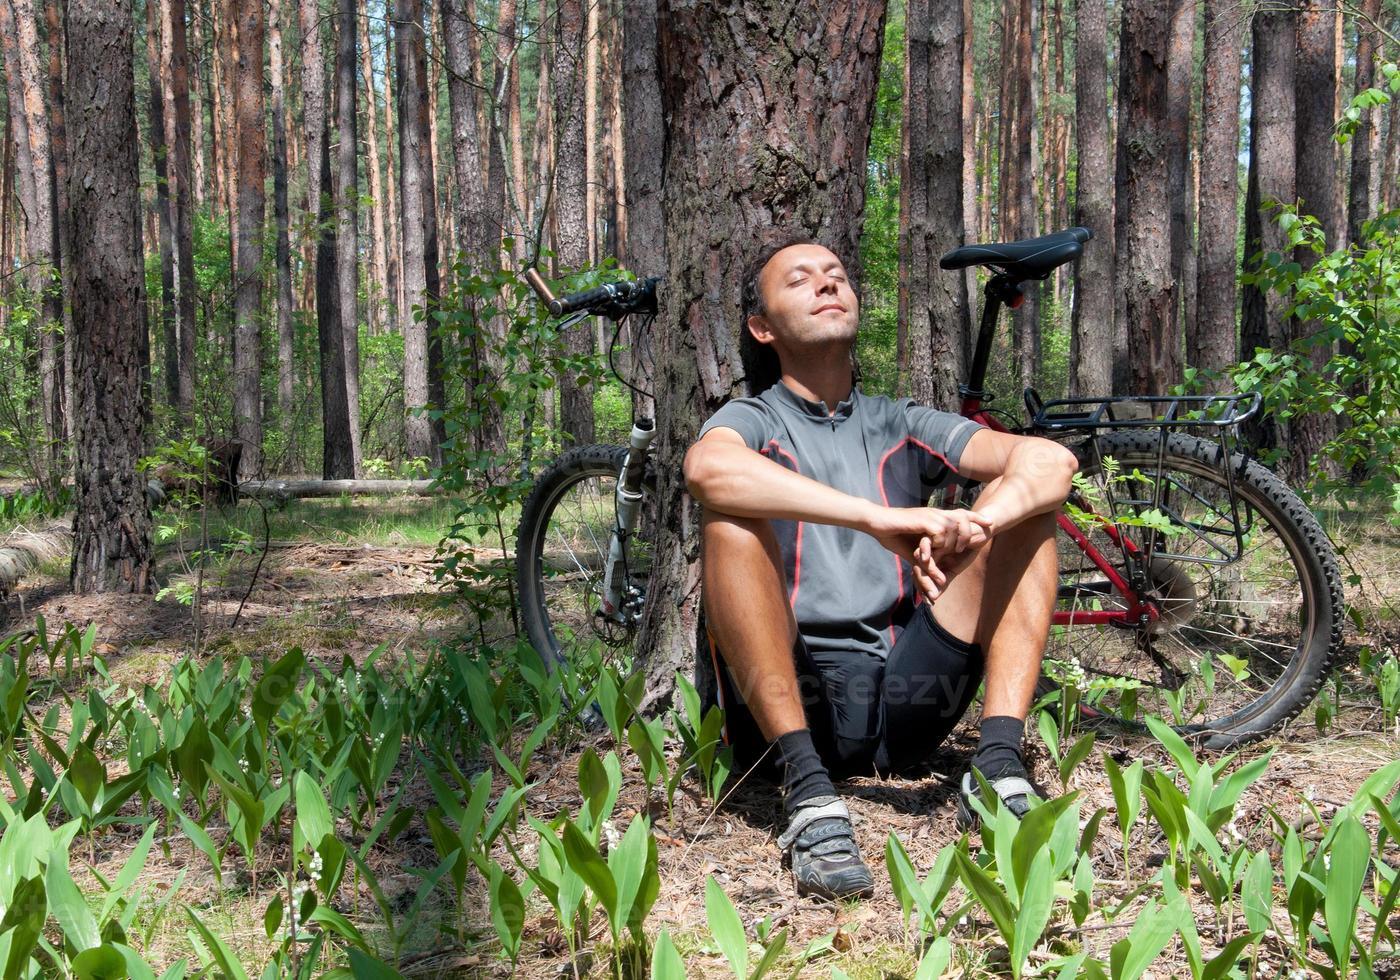 Cycliste relaxant dans la forêt de conifères au printemps sous le pin photo